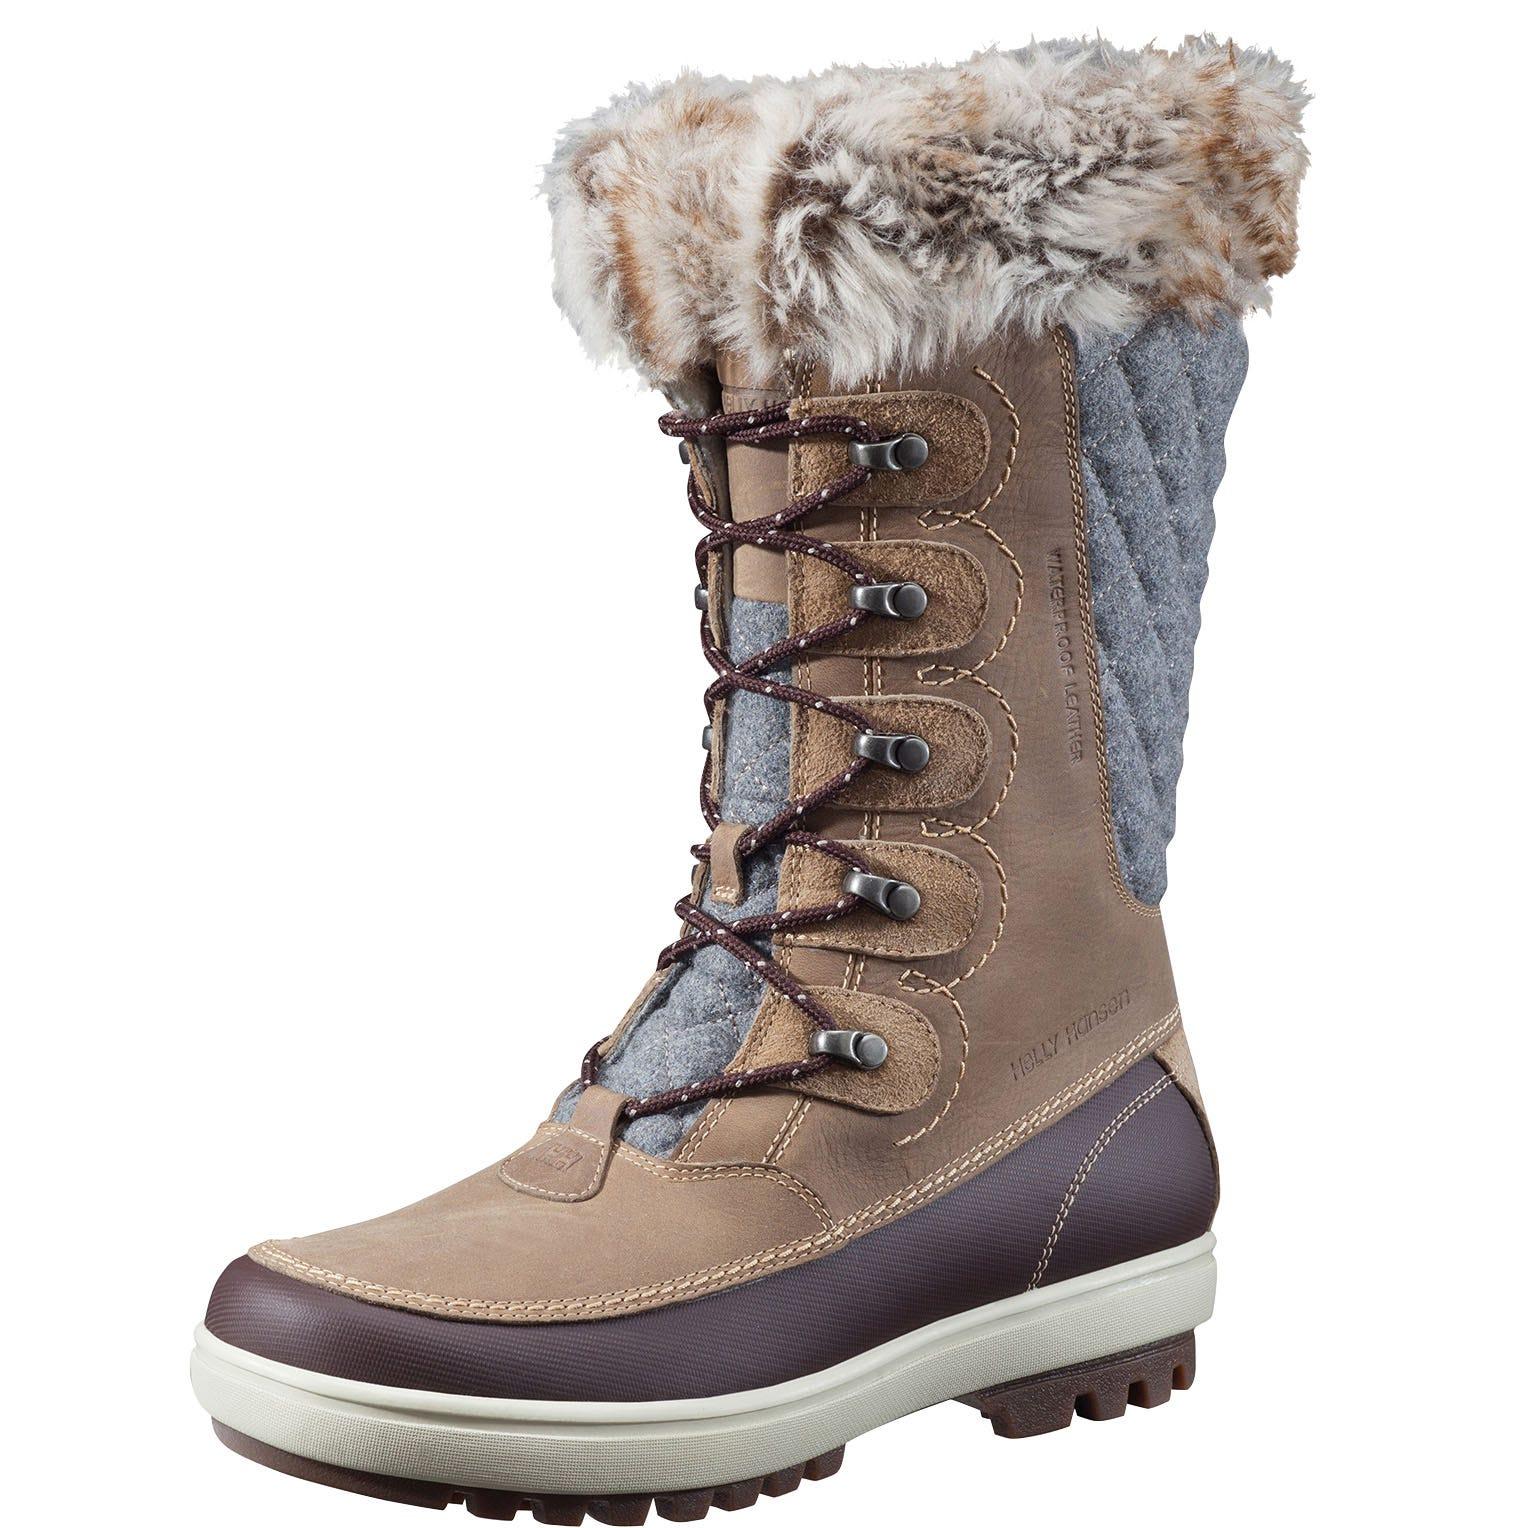 Helly Hansen W Garibaldi, Women's Snow Boots